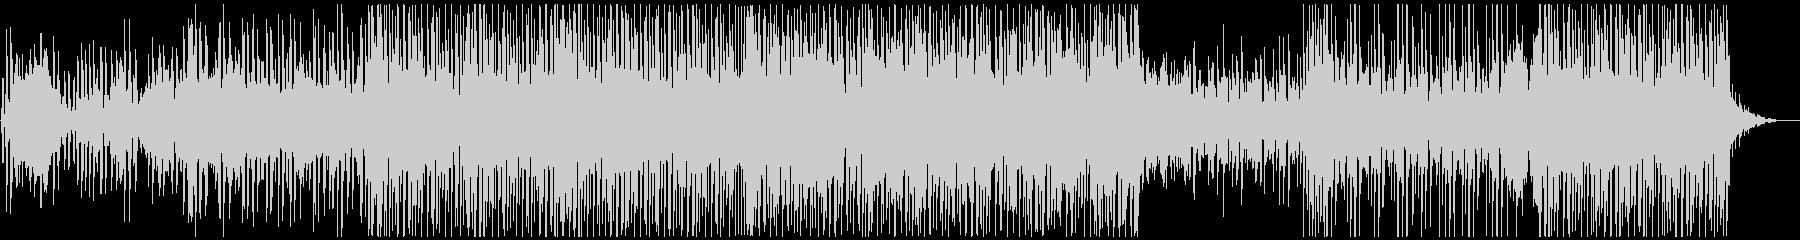 トロピカルハウス風 EDMの未再生の波形